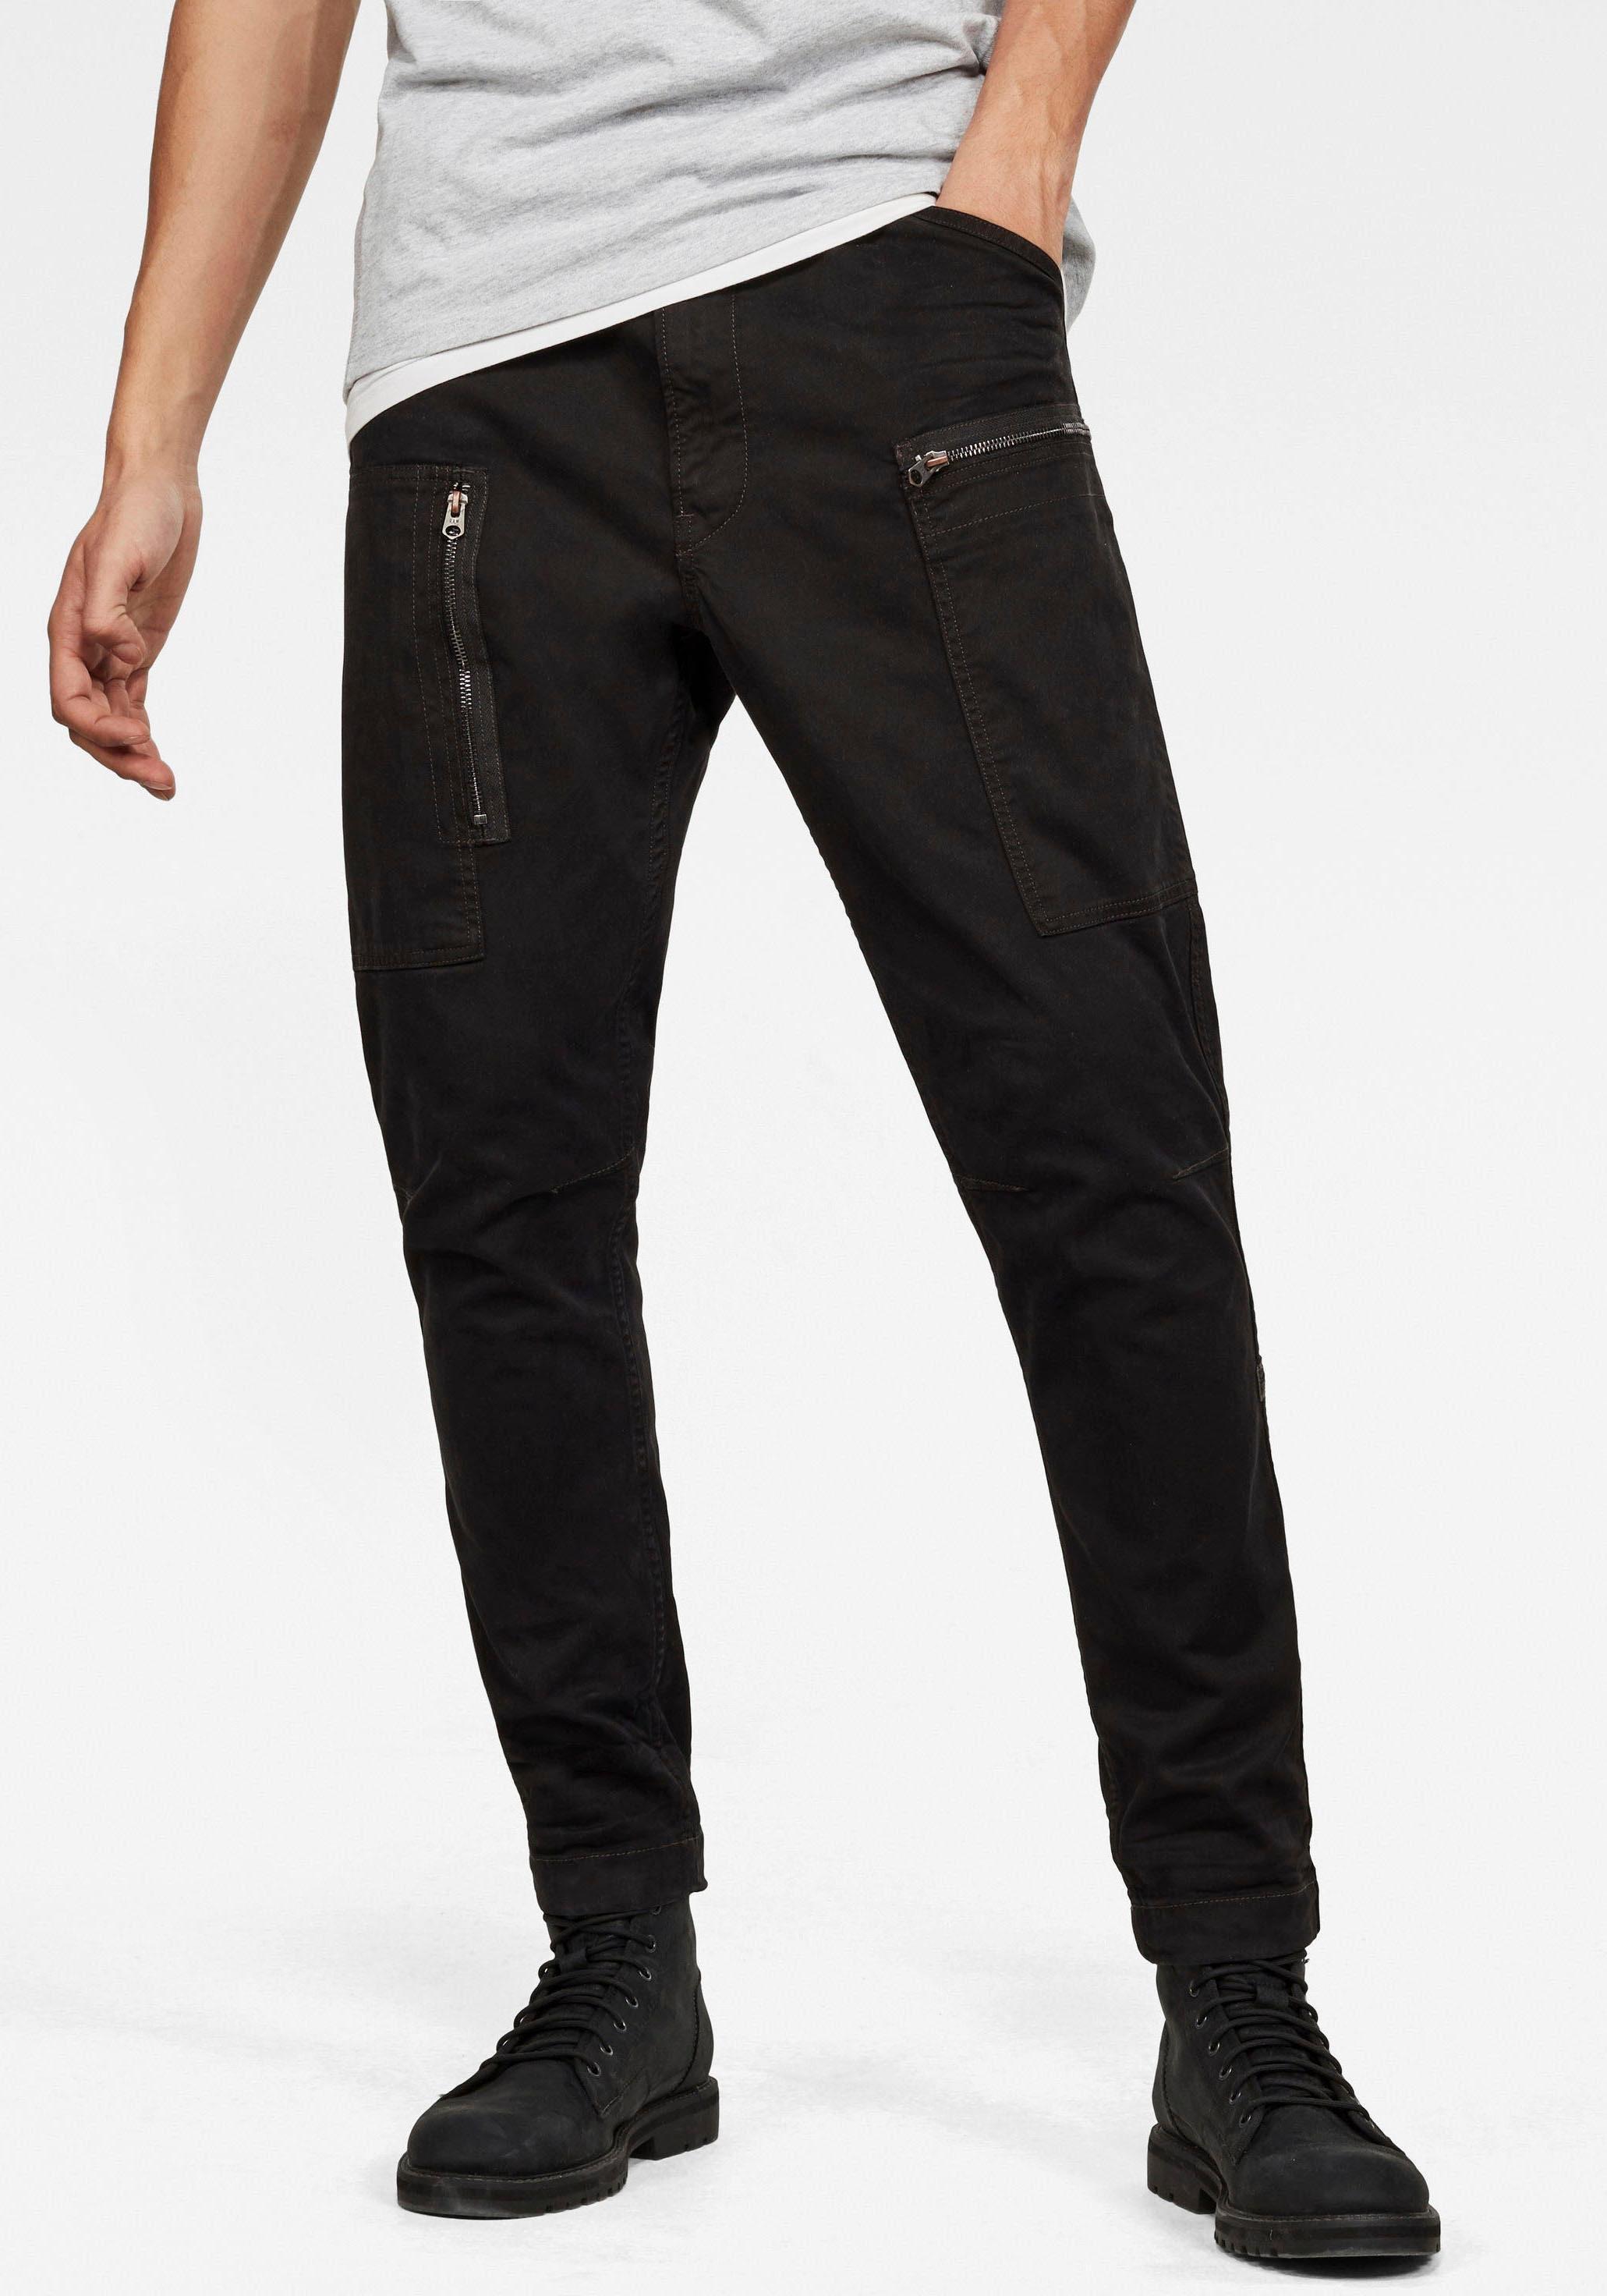 Nur heute 35% Rabatt +15X-Payback (7,5%) auf Hosen, Jeans & Pullover, Sweatjacken inkl. SALE (G-Star, BOSS, GANT, Hilfiger, Levis ...) @BAUR